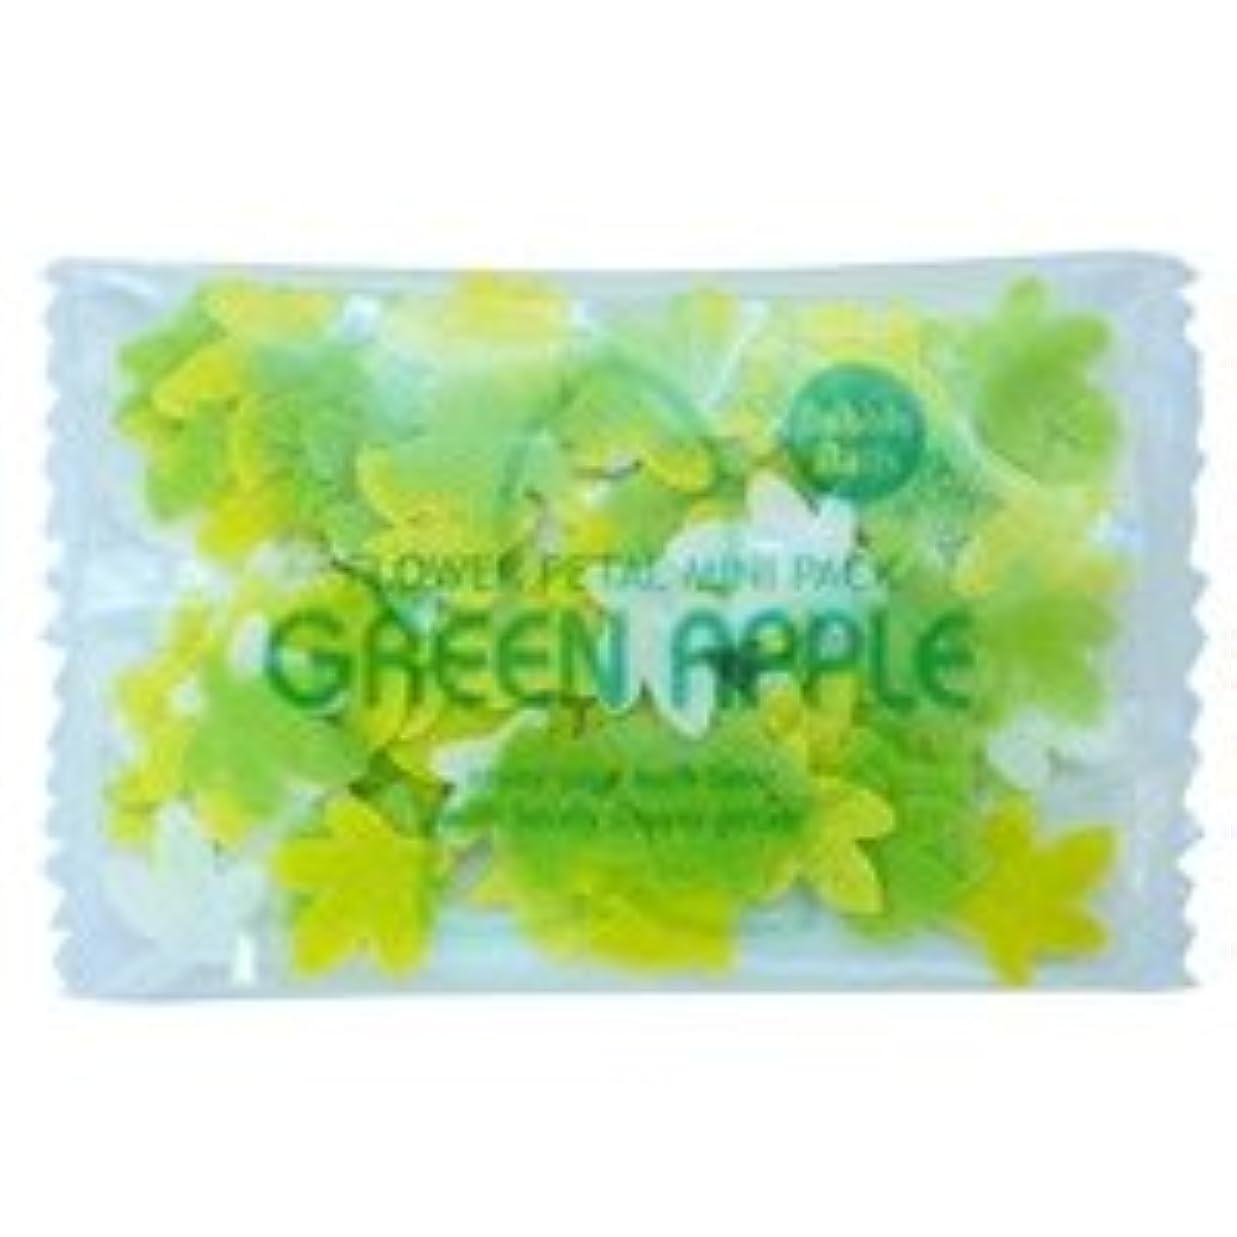 相談収容する形成フラワーペタル バブルバス ミニパック「グリーンアップル」20個セット ストレスから解放されたい日に疲れた心を解きほぐしてくれるフレッシュなグリーンアップルの香り